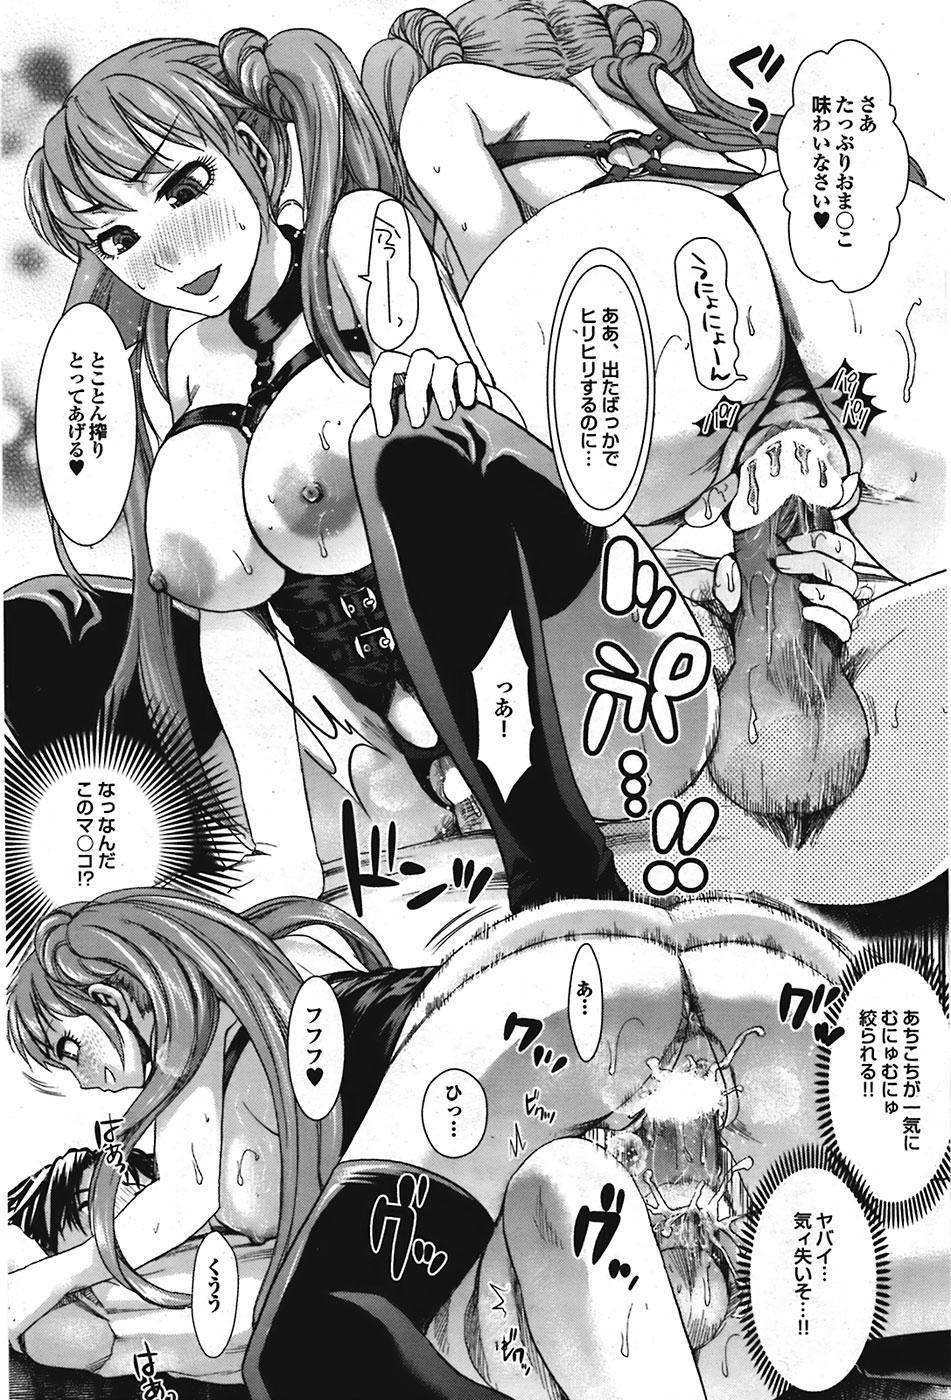 Comic Purumelo 2008-10 Vol.22 138